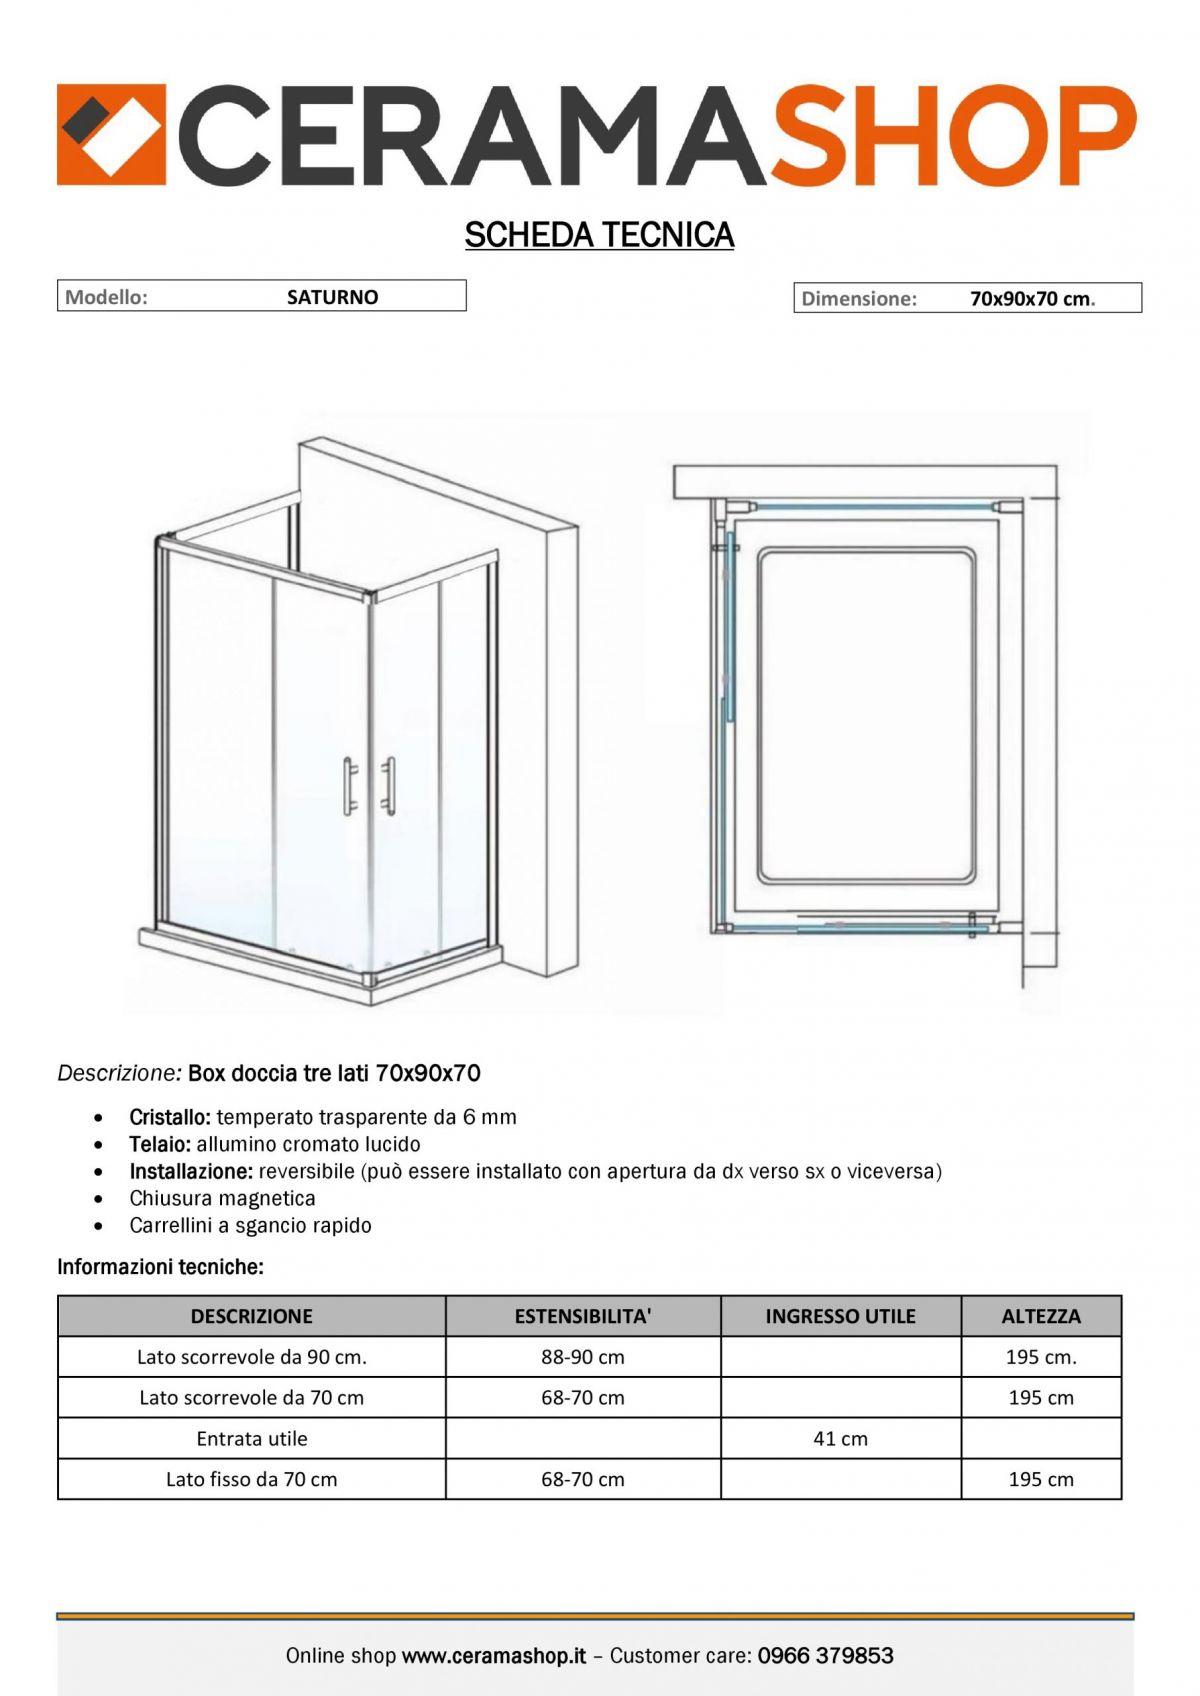 """70x90x70 000001 scaled Box doccia tre lati """"Saturno"""" 70x90x70 cm scorrevole cristallo trasparente 6 mm"""